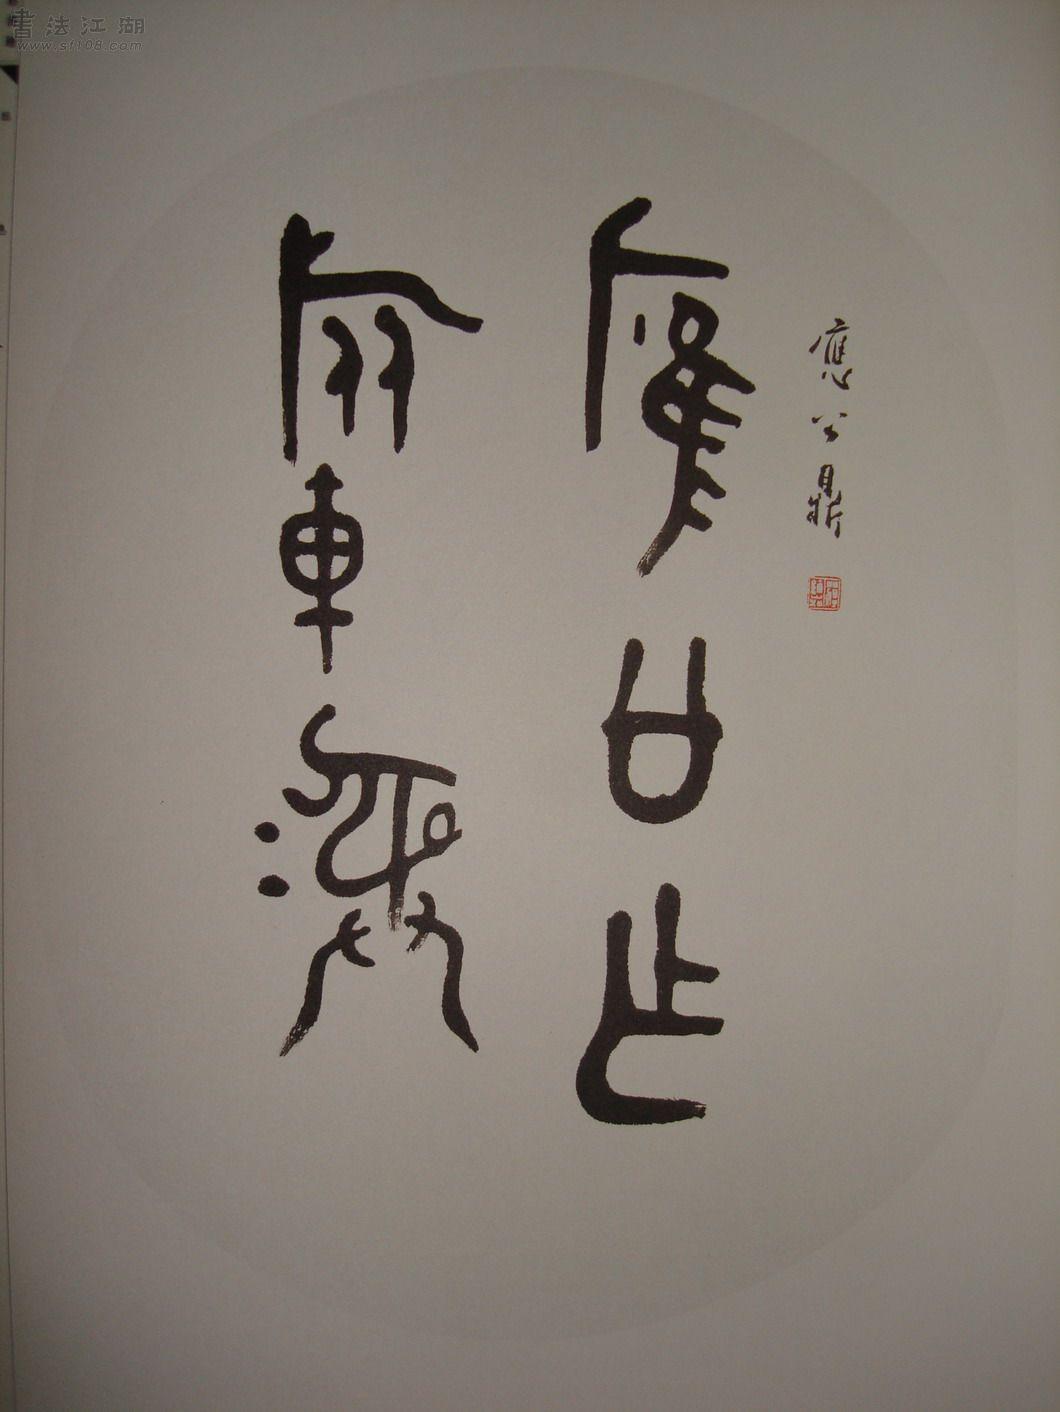 金文团扇 临应公鼎.jpg